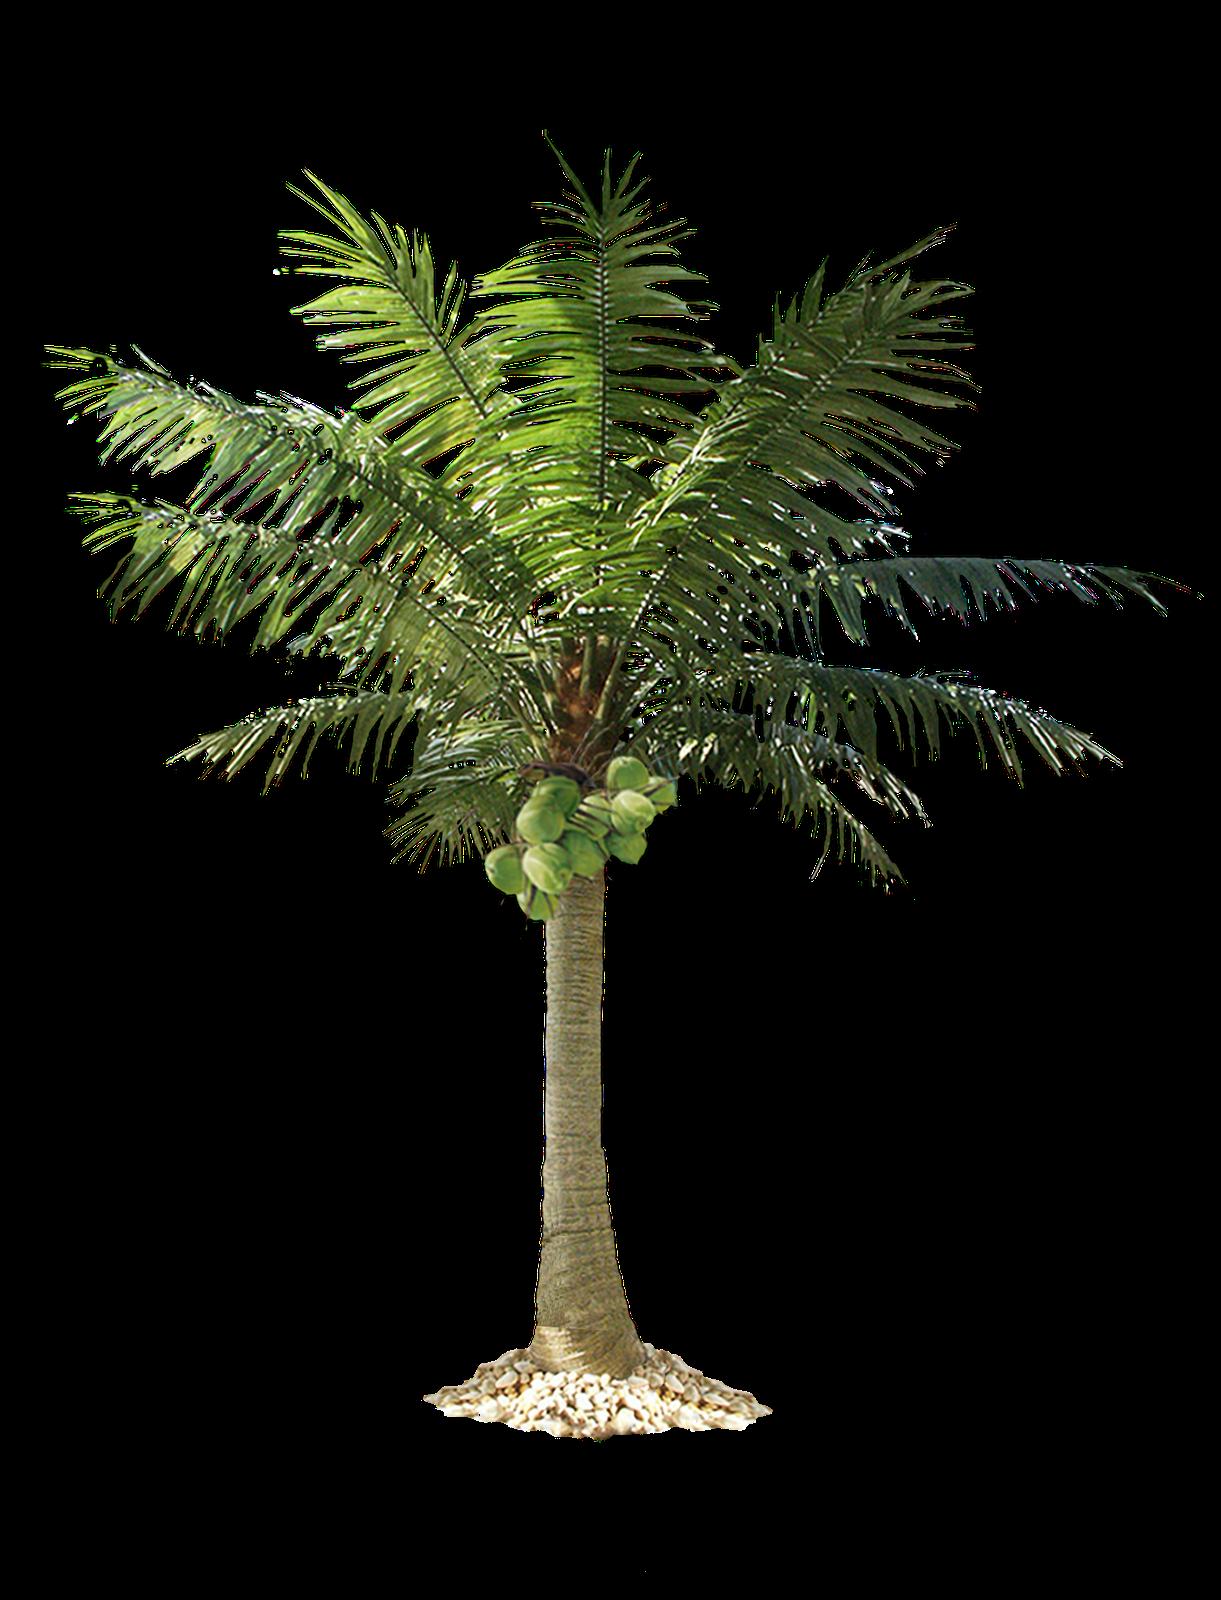 Desert clipart palm tree desert. Png image